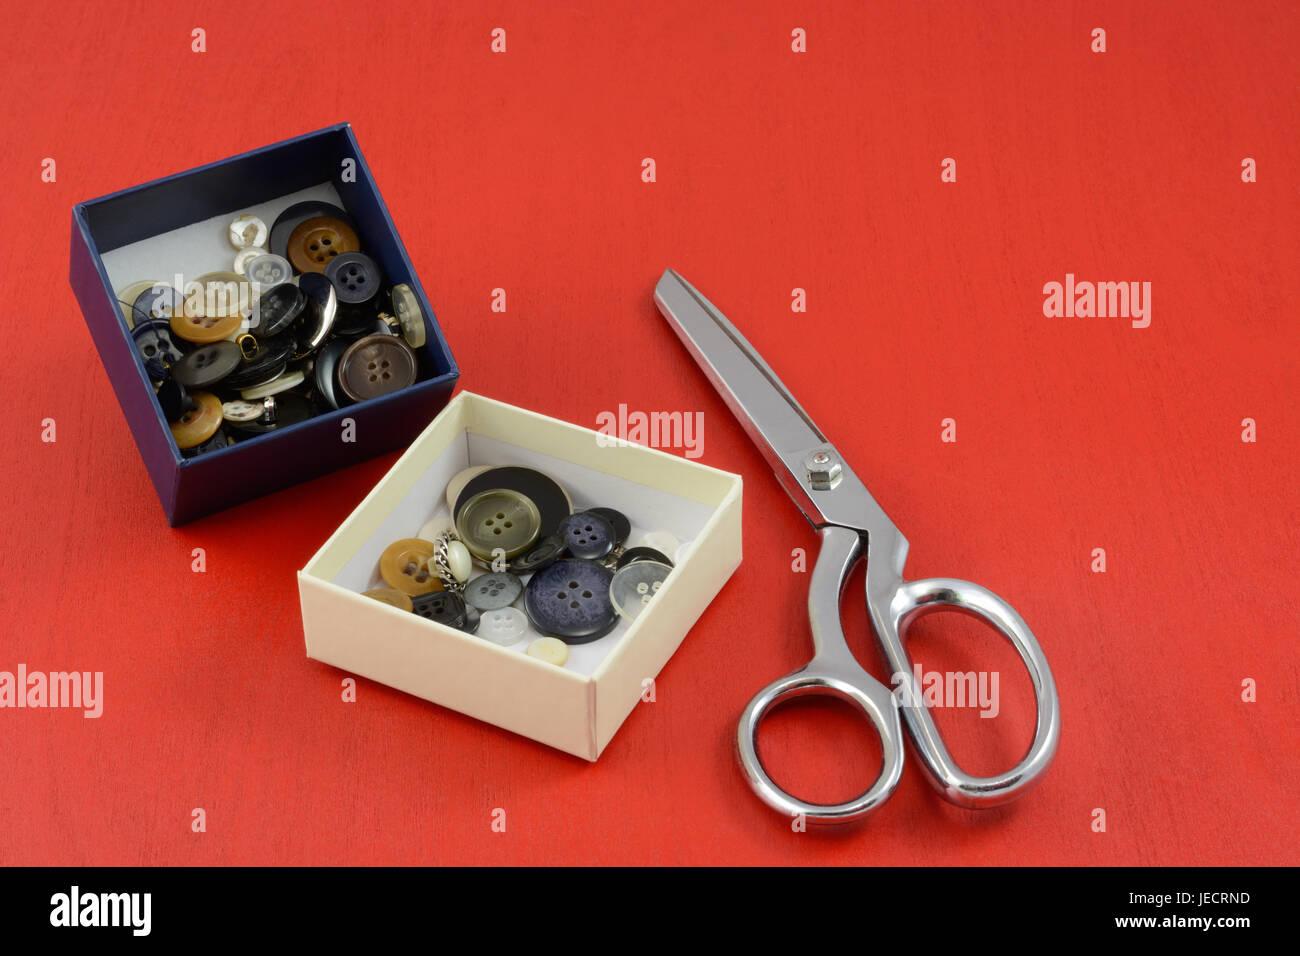 Colección de botones en cuadros blancos y azules y tijeras de metal sobre fondo de madera roja Foto de stock